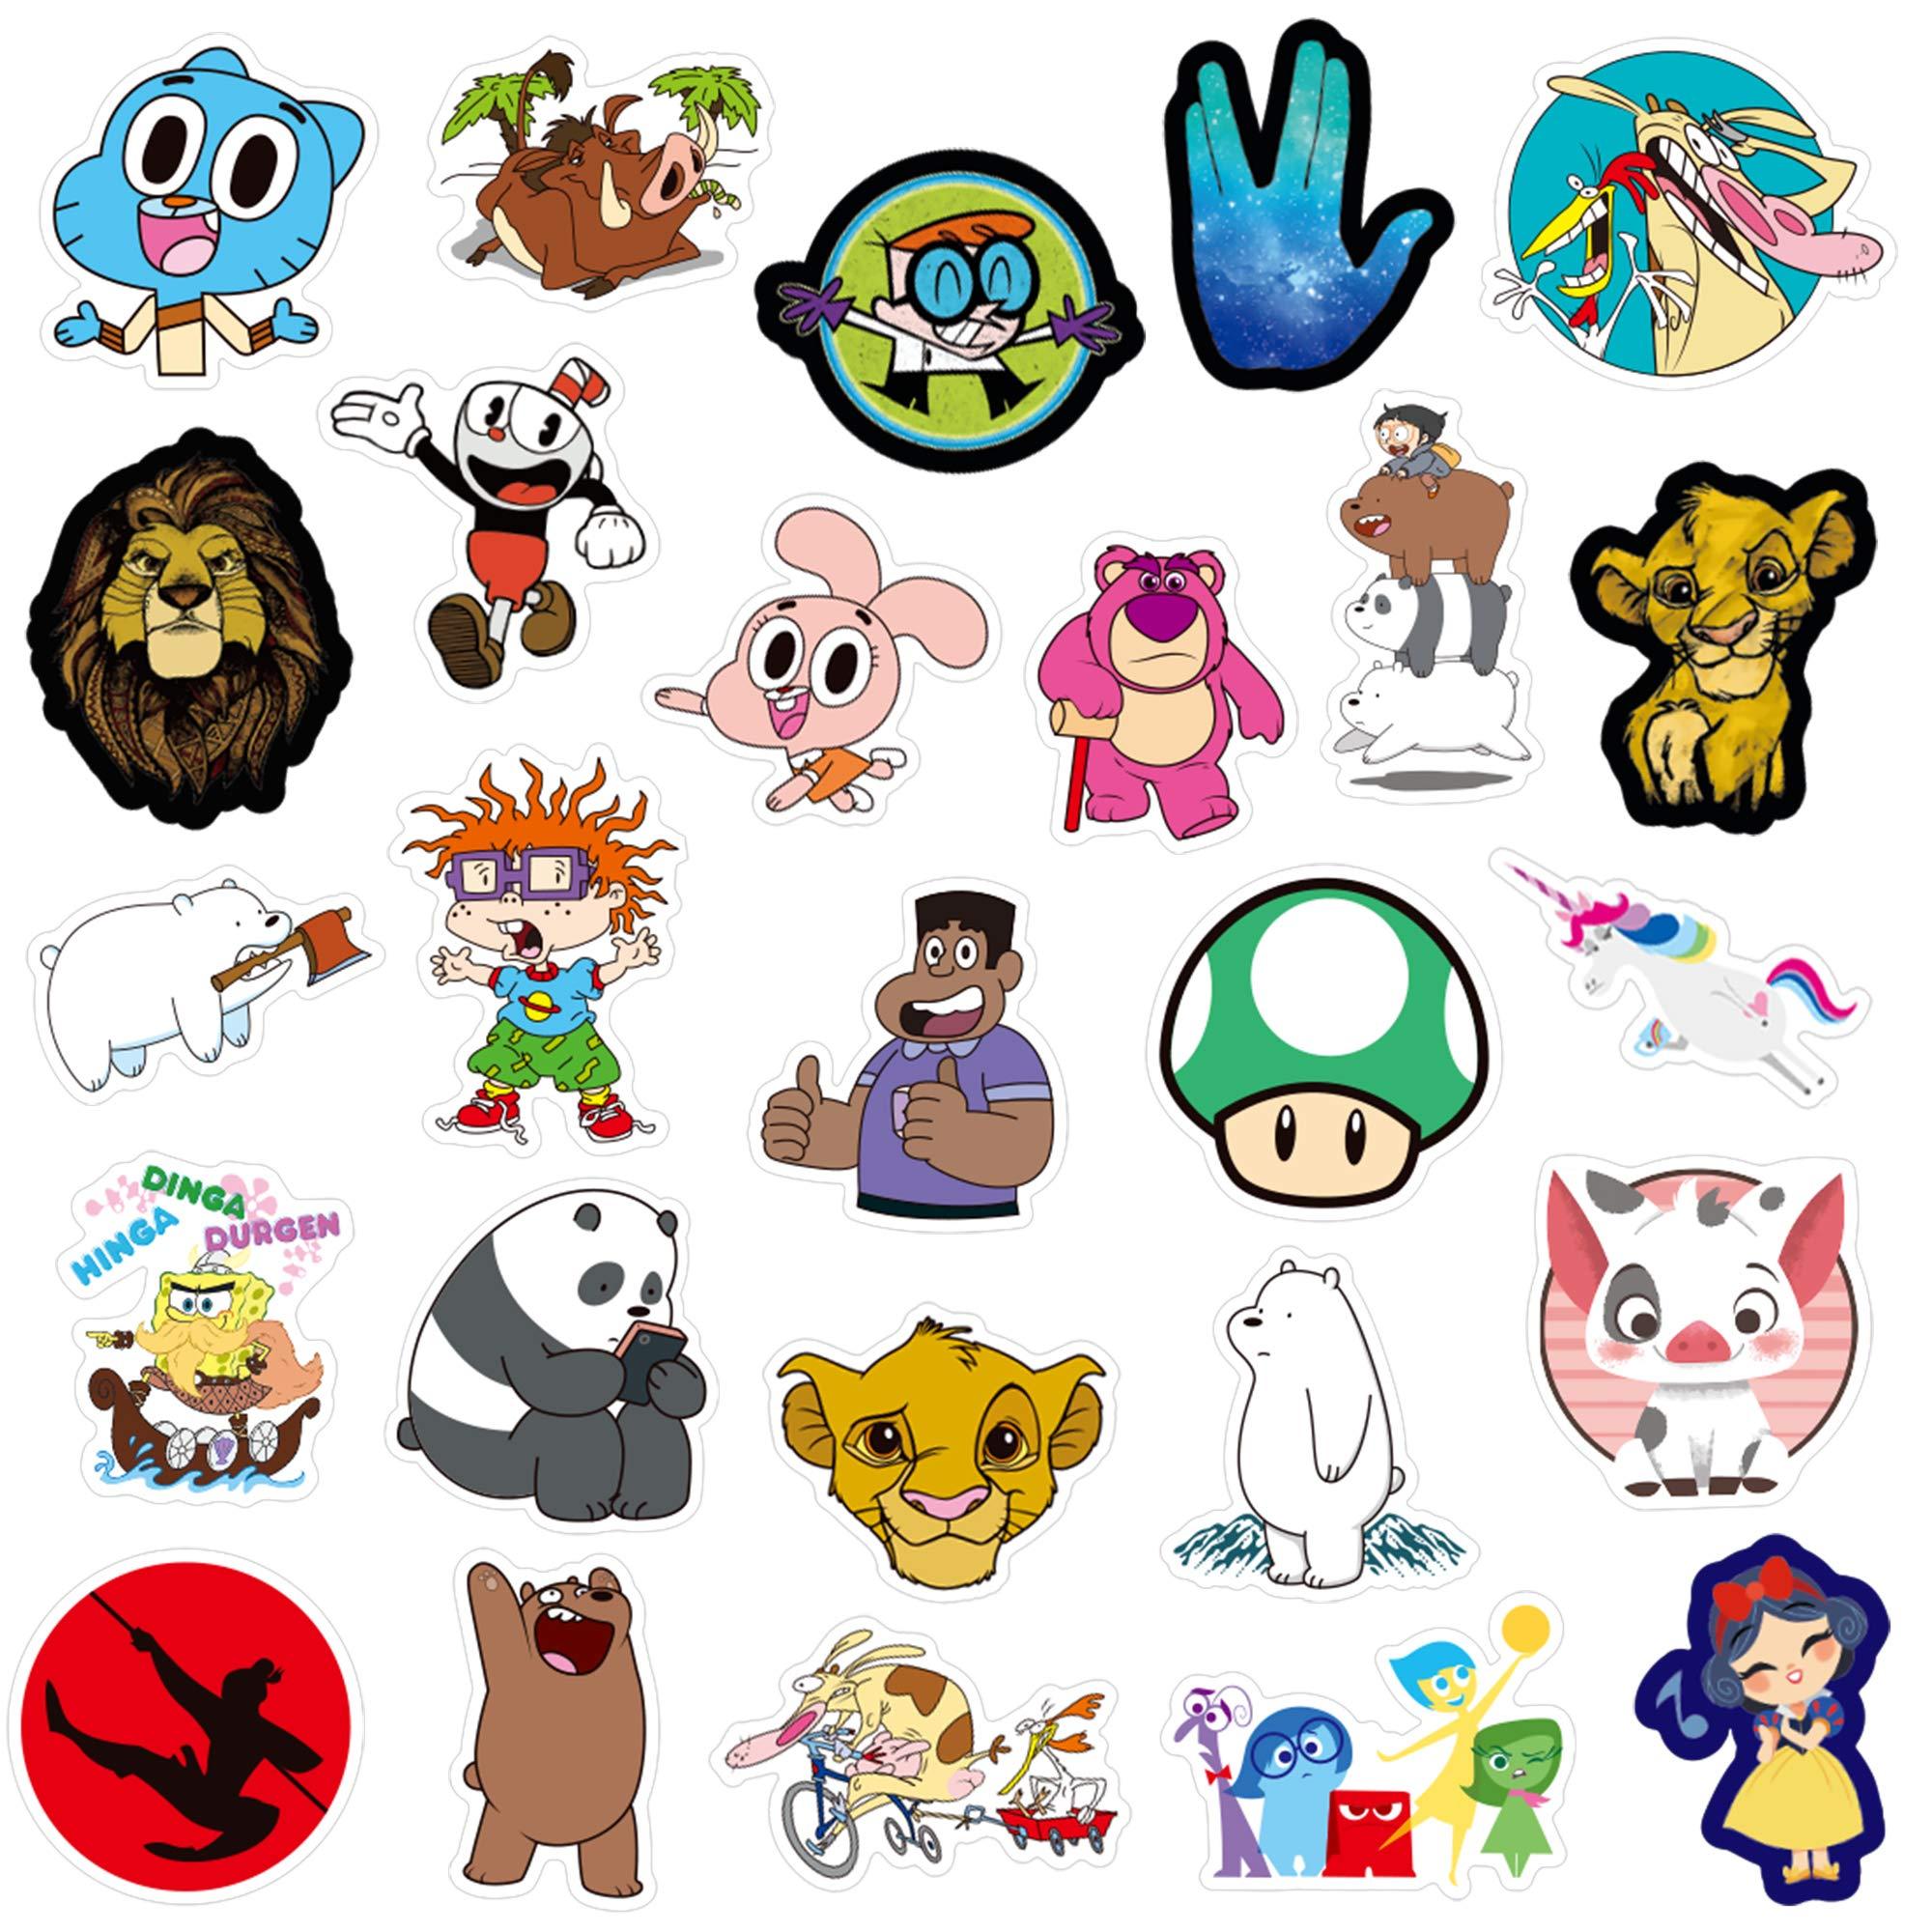 Stickers Calcos 101 un. Surtidos Origen U.S.A. (7QLJ1QHH)